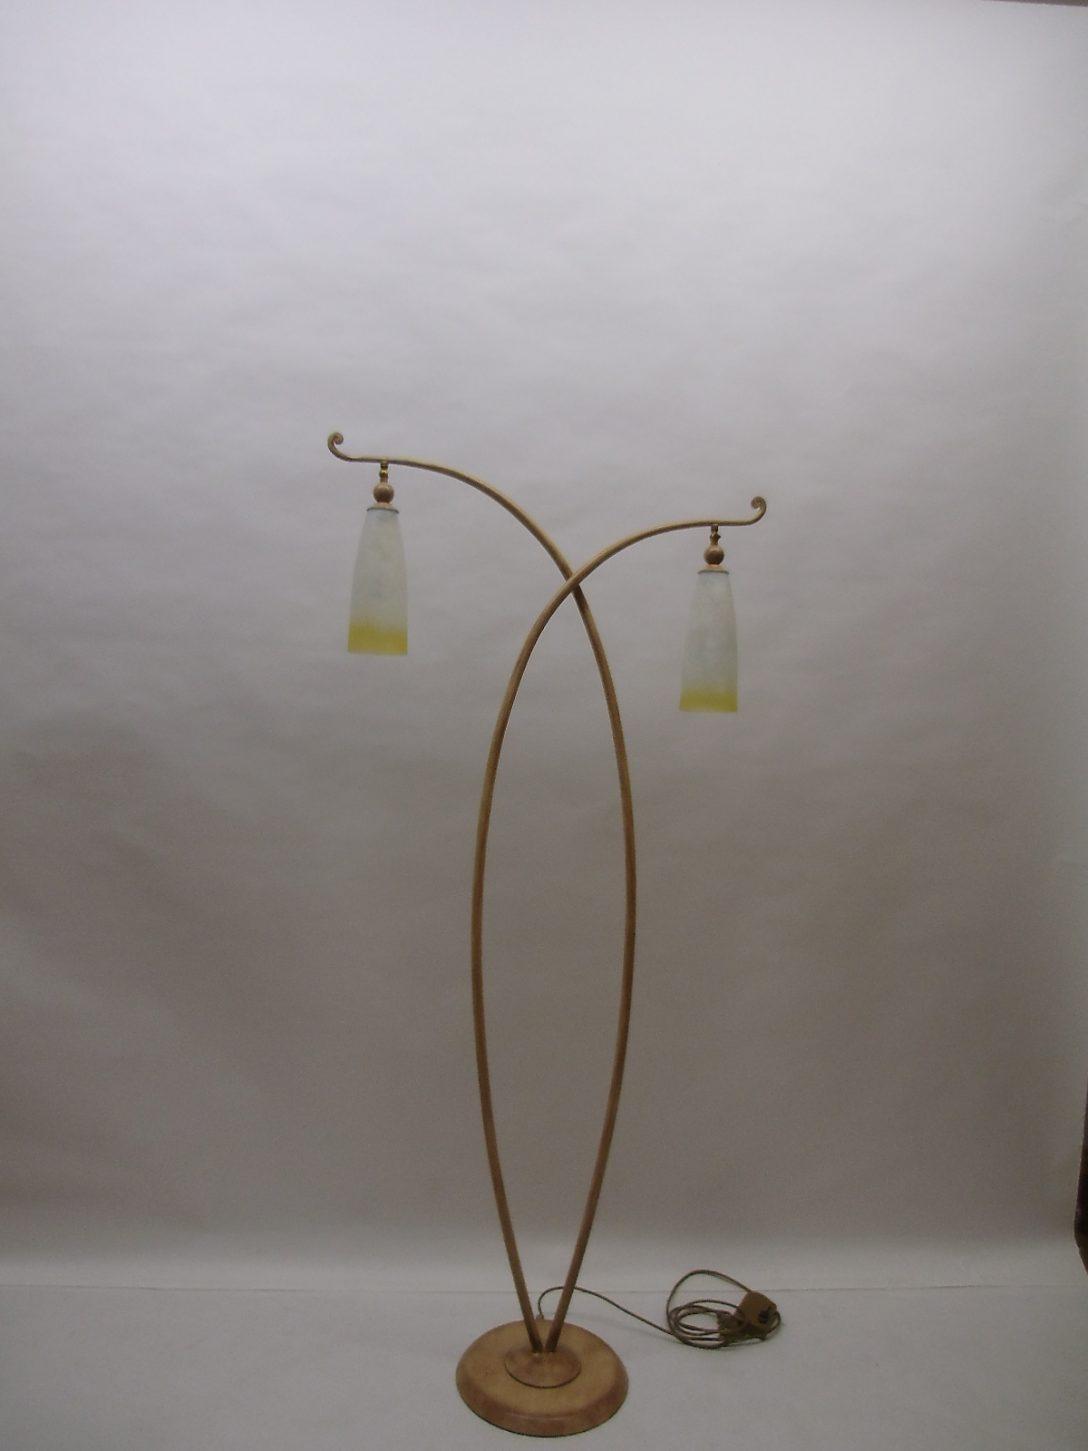 Large Size of Designer Lampen Lampe Aus Italien Esstisch Bad Led Betten Stehlampen Wohnzimmer Esstische Badezimmer Schlafzimmer Deckenlampen Wohnzimmer Designer Lampen